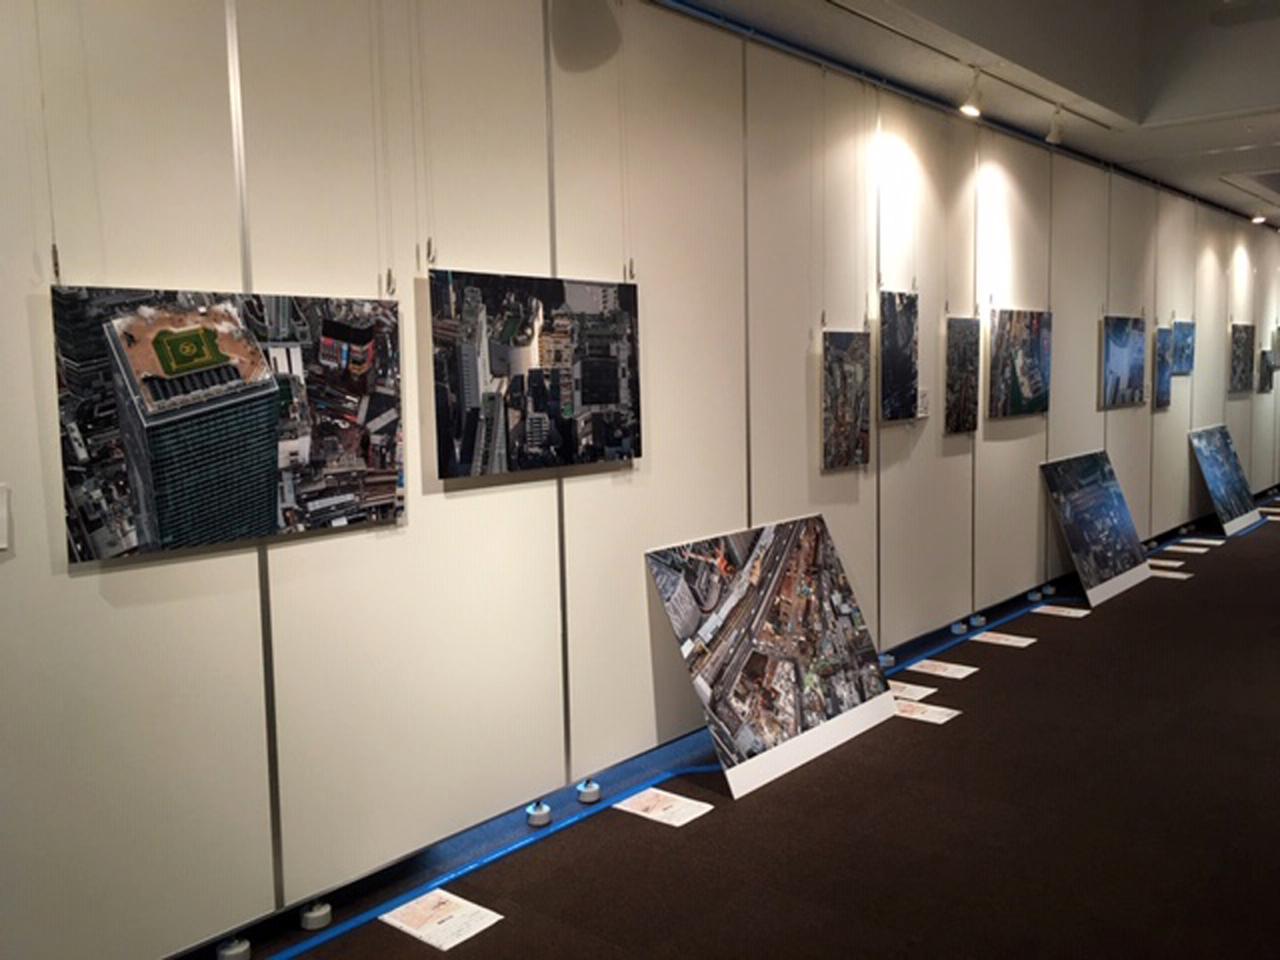 画像2: 吉永陽一空撮鉄道駅写真展「空鉄 うつろい~渋谷駅10年間の上空観察~」は、8月15日(土)まで開催されます。